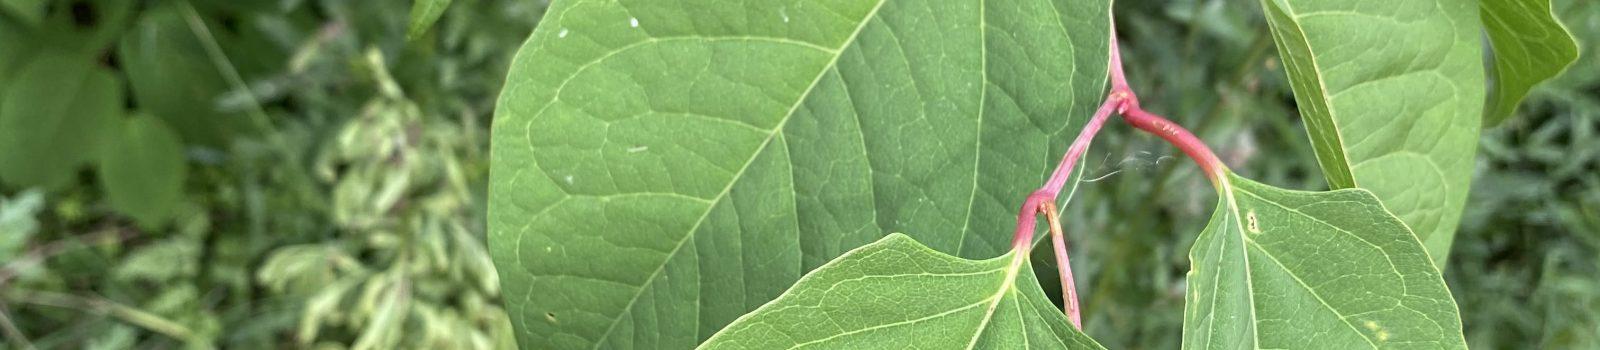 Växten Parkslide och dess blad